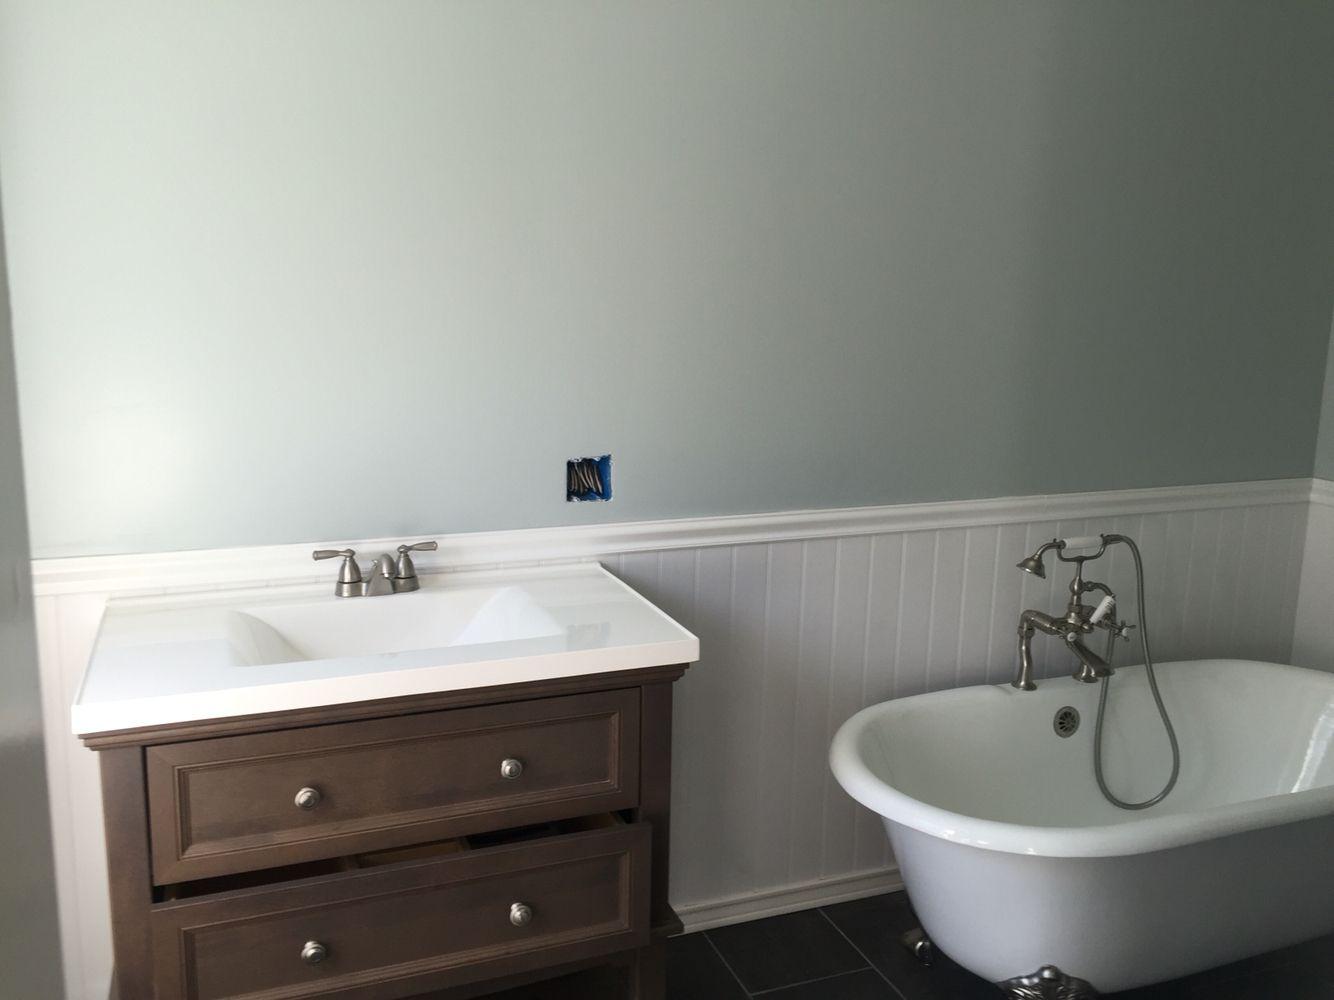 Behr color barely jade farmhouse bathroom reno